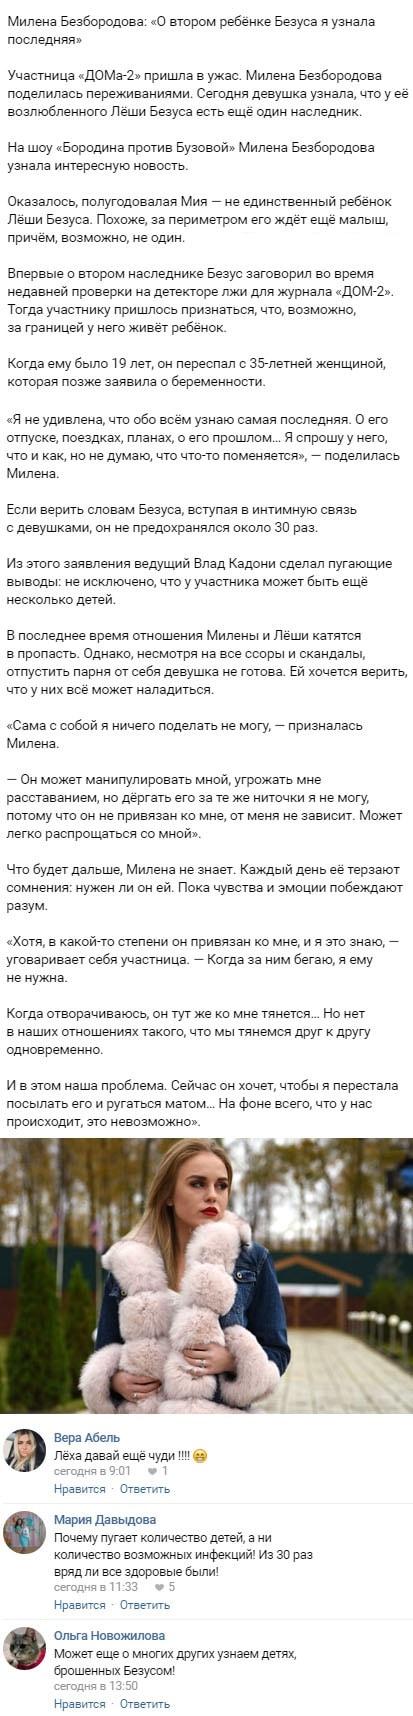 Всплыла информация об очередном ребенке Алексея Безуса